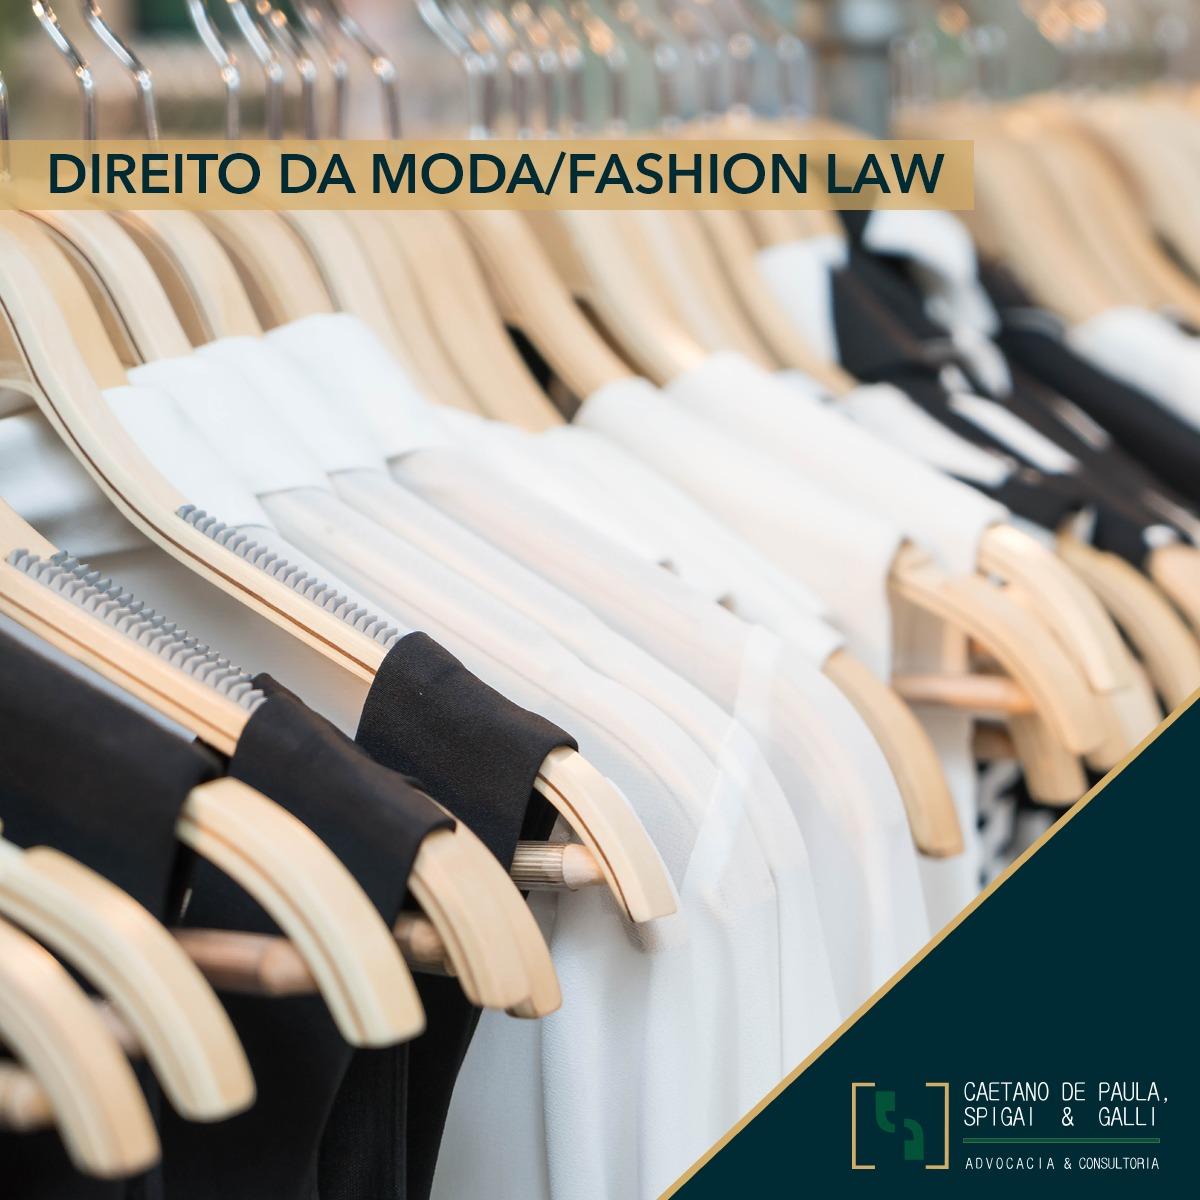 Direito da Moda/Fashion Law – Article One.